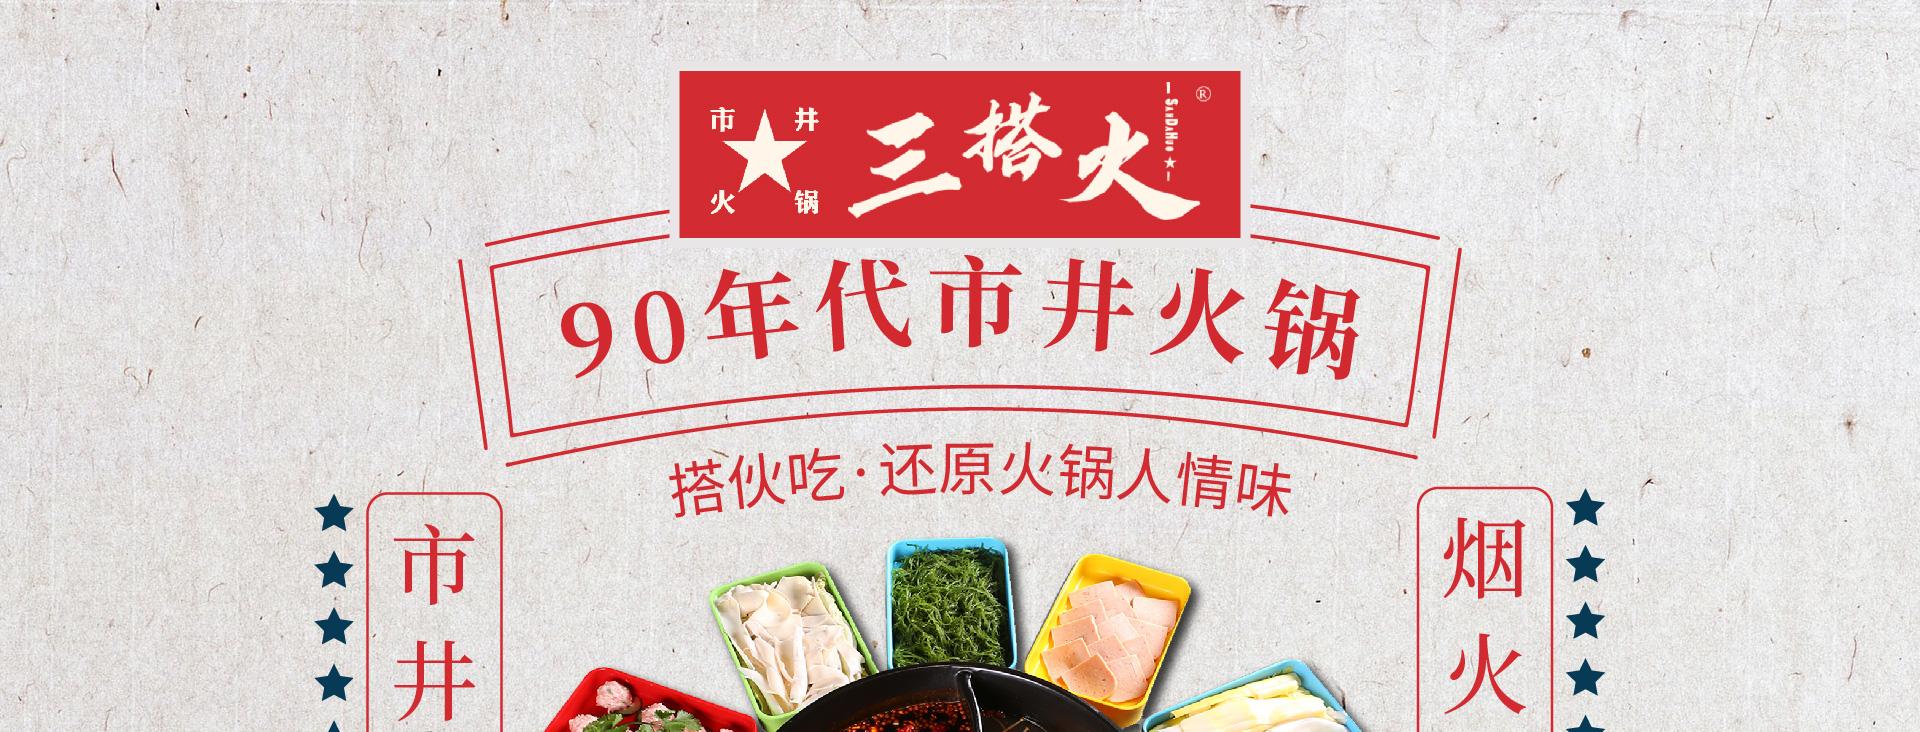 三搭火市井火鍋sdh_01